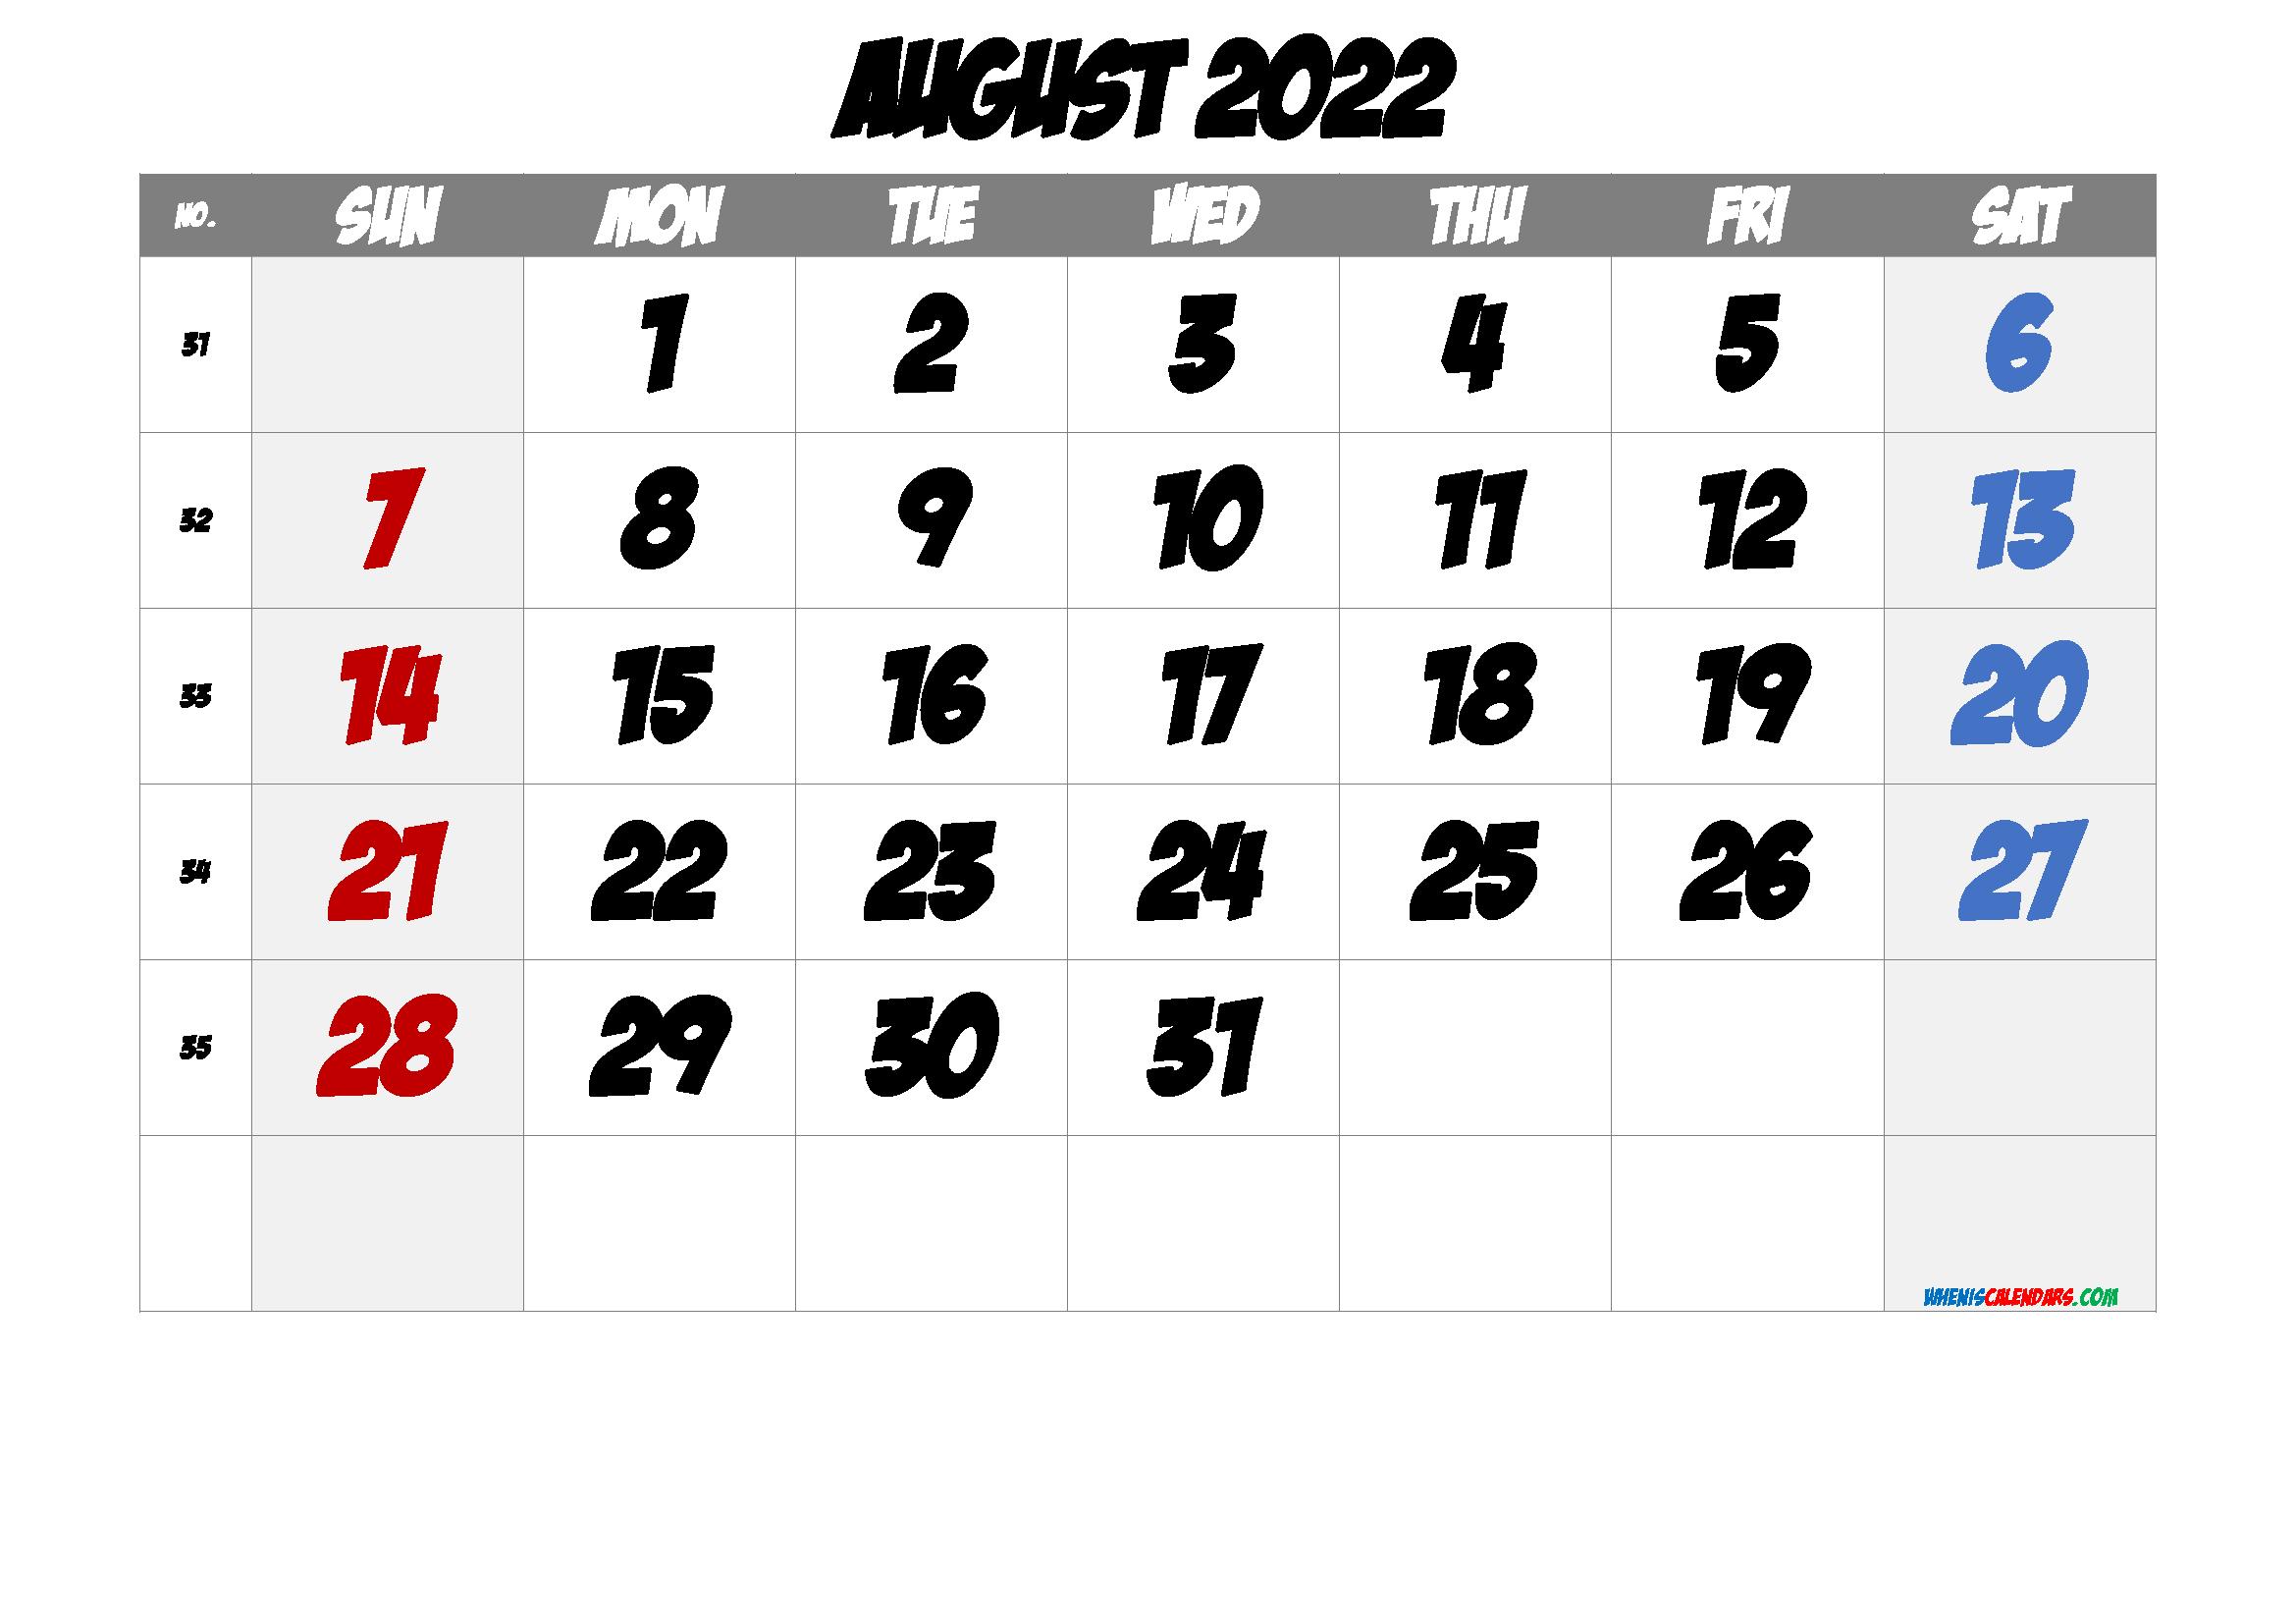 August 2022 Printable Calendar with Week Numbers